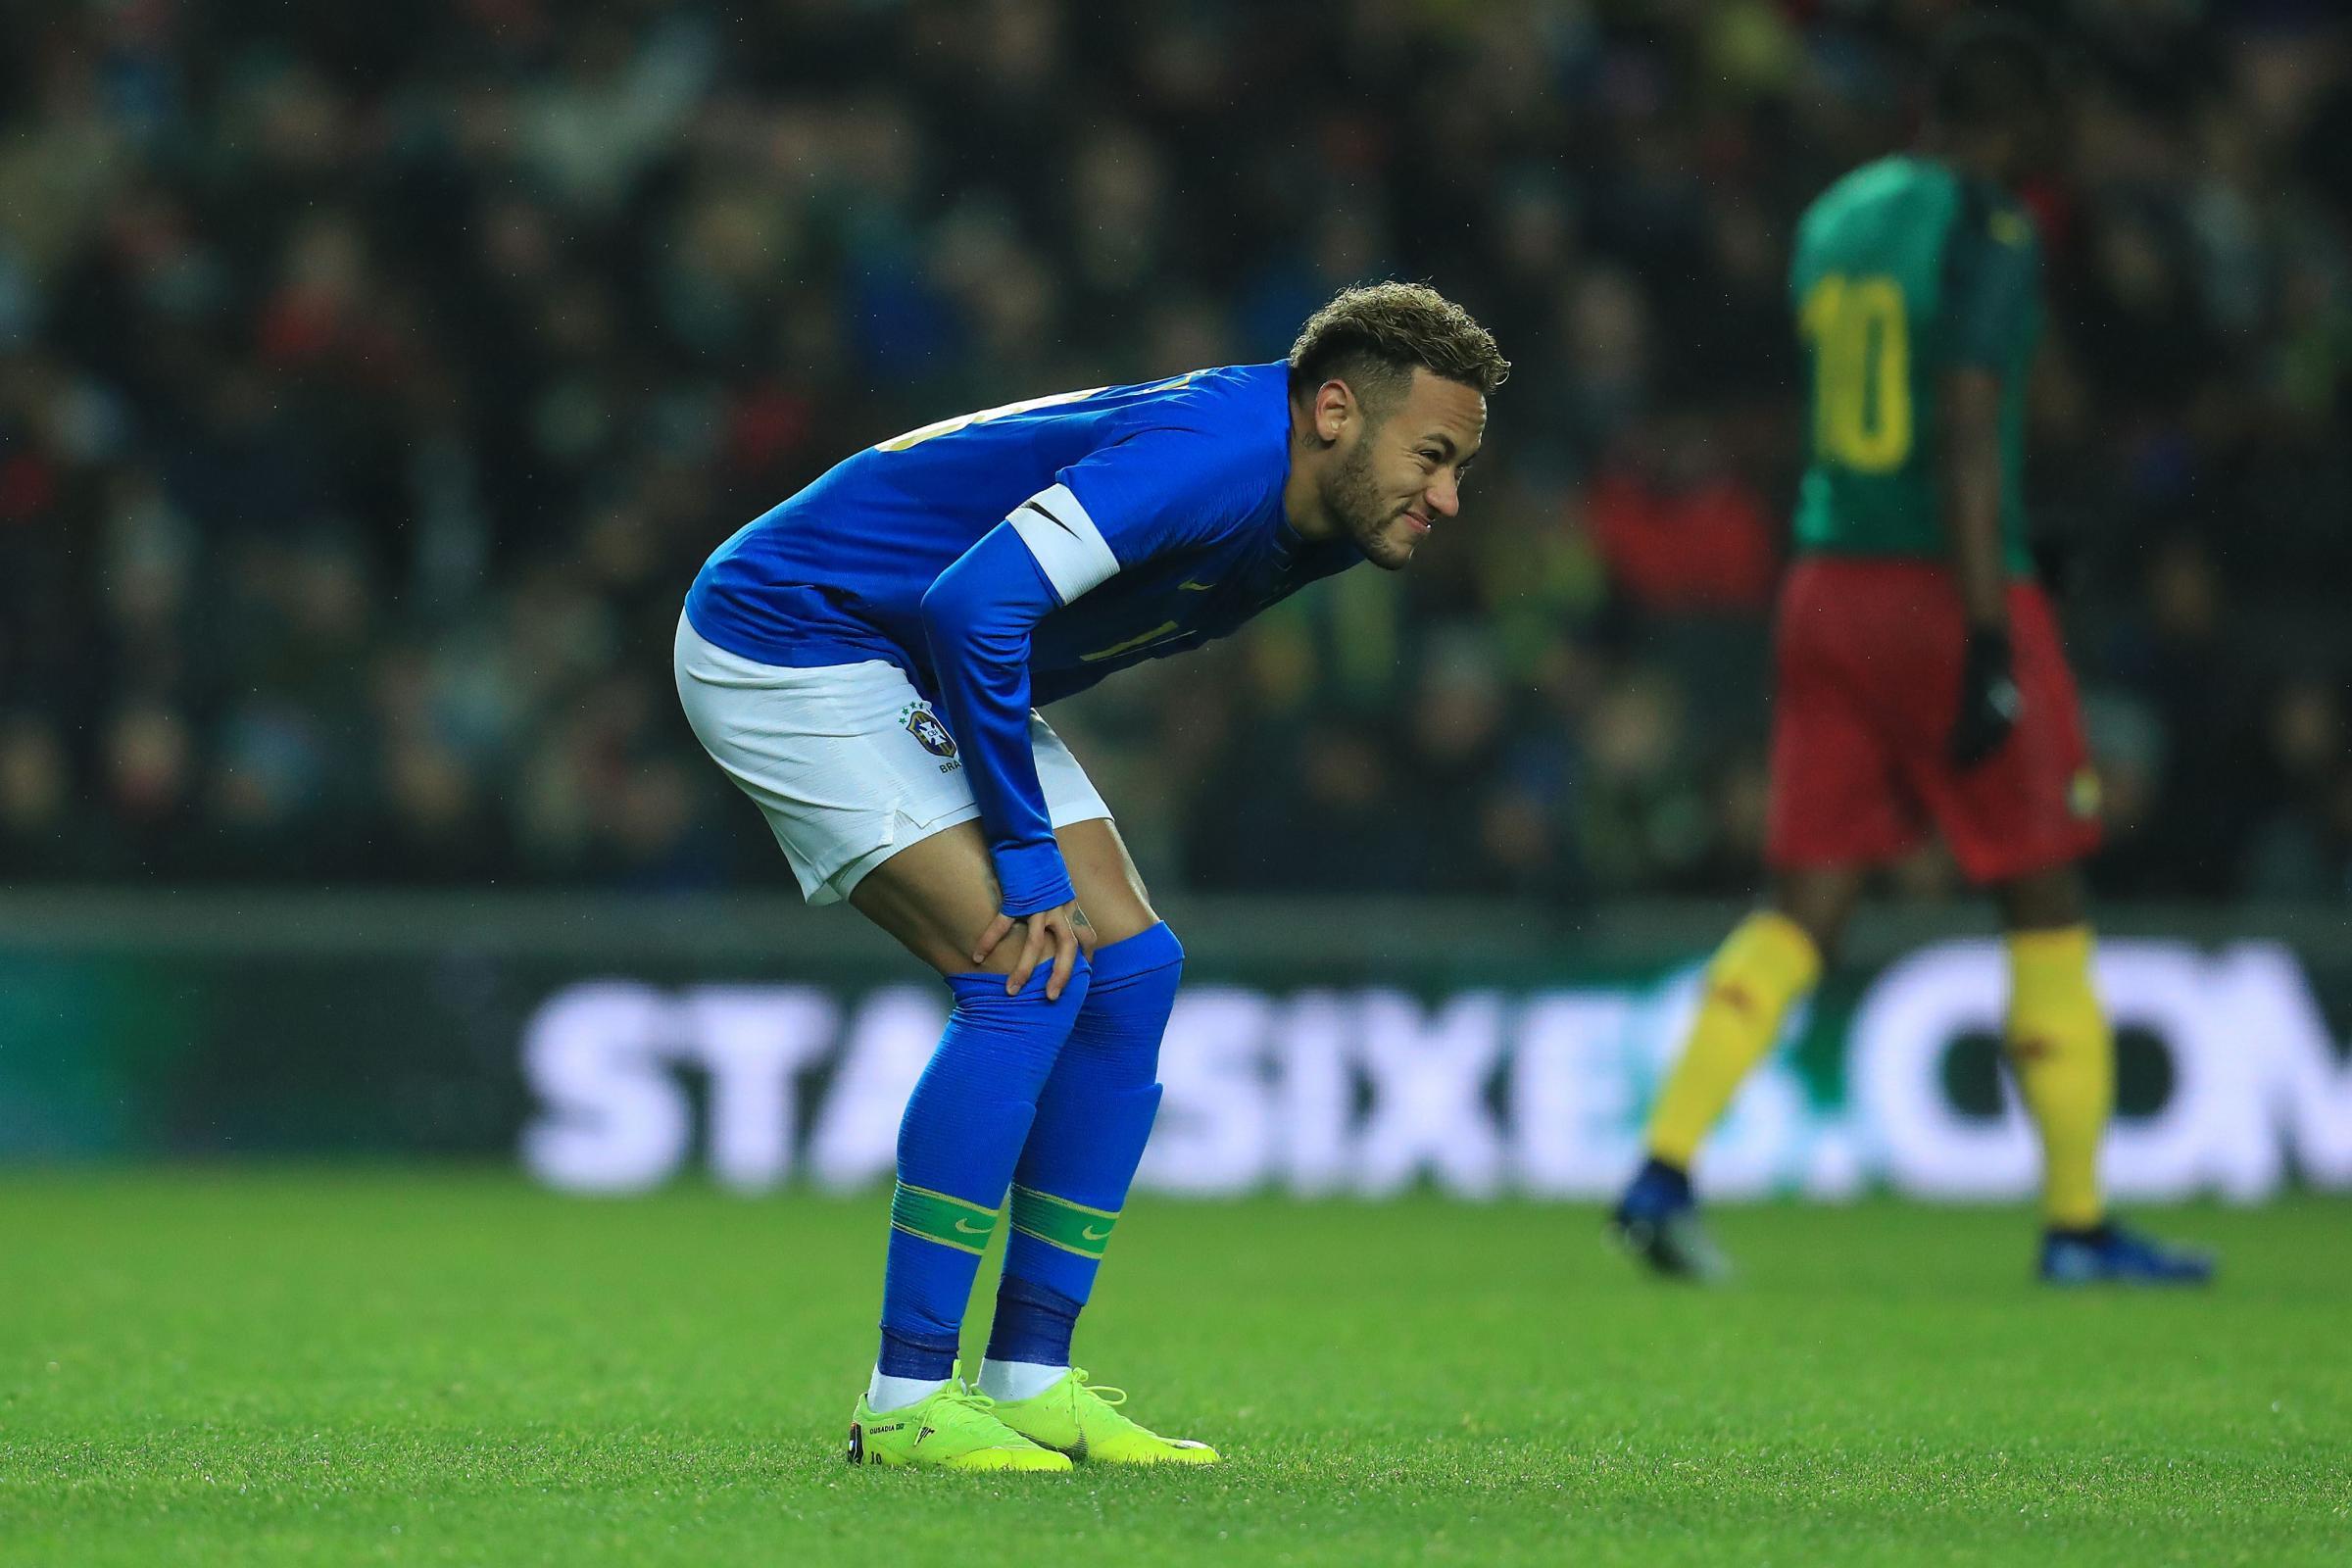 在巴西友谊赛受伤后,内马尔可能会对利物浦队造成伤病